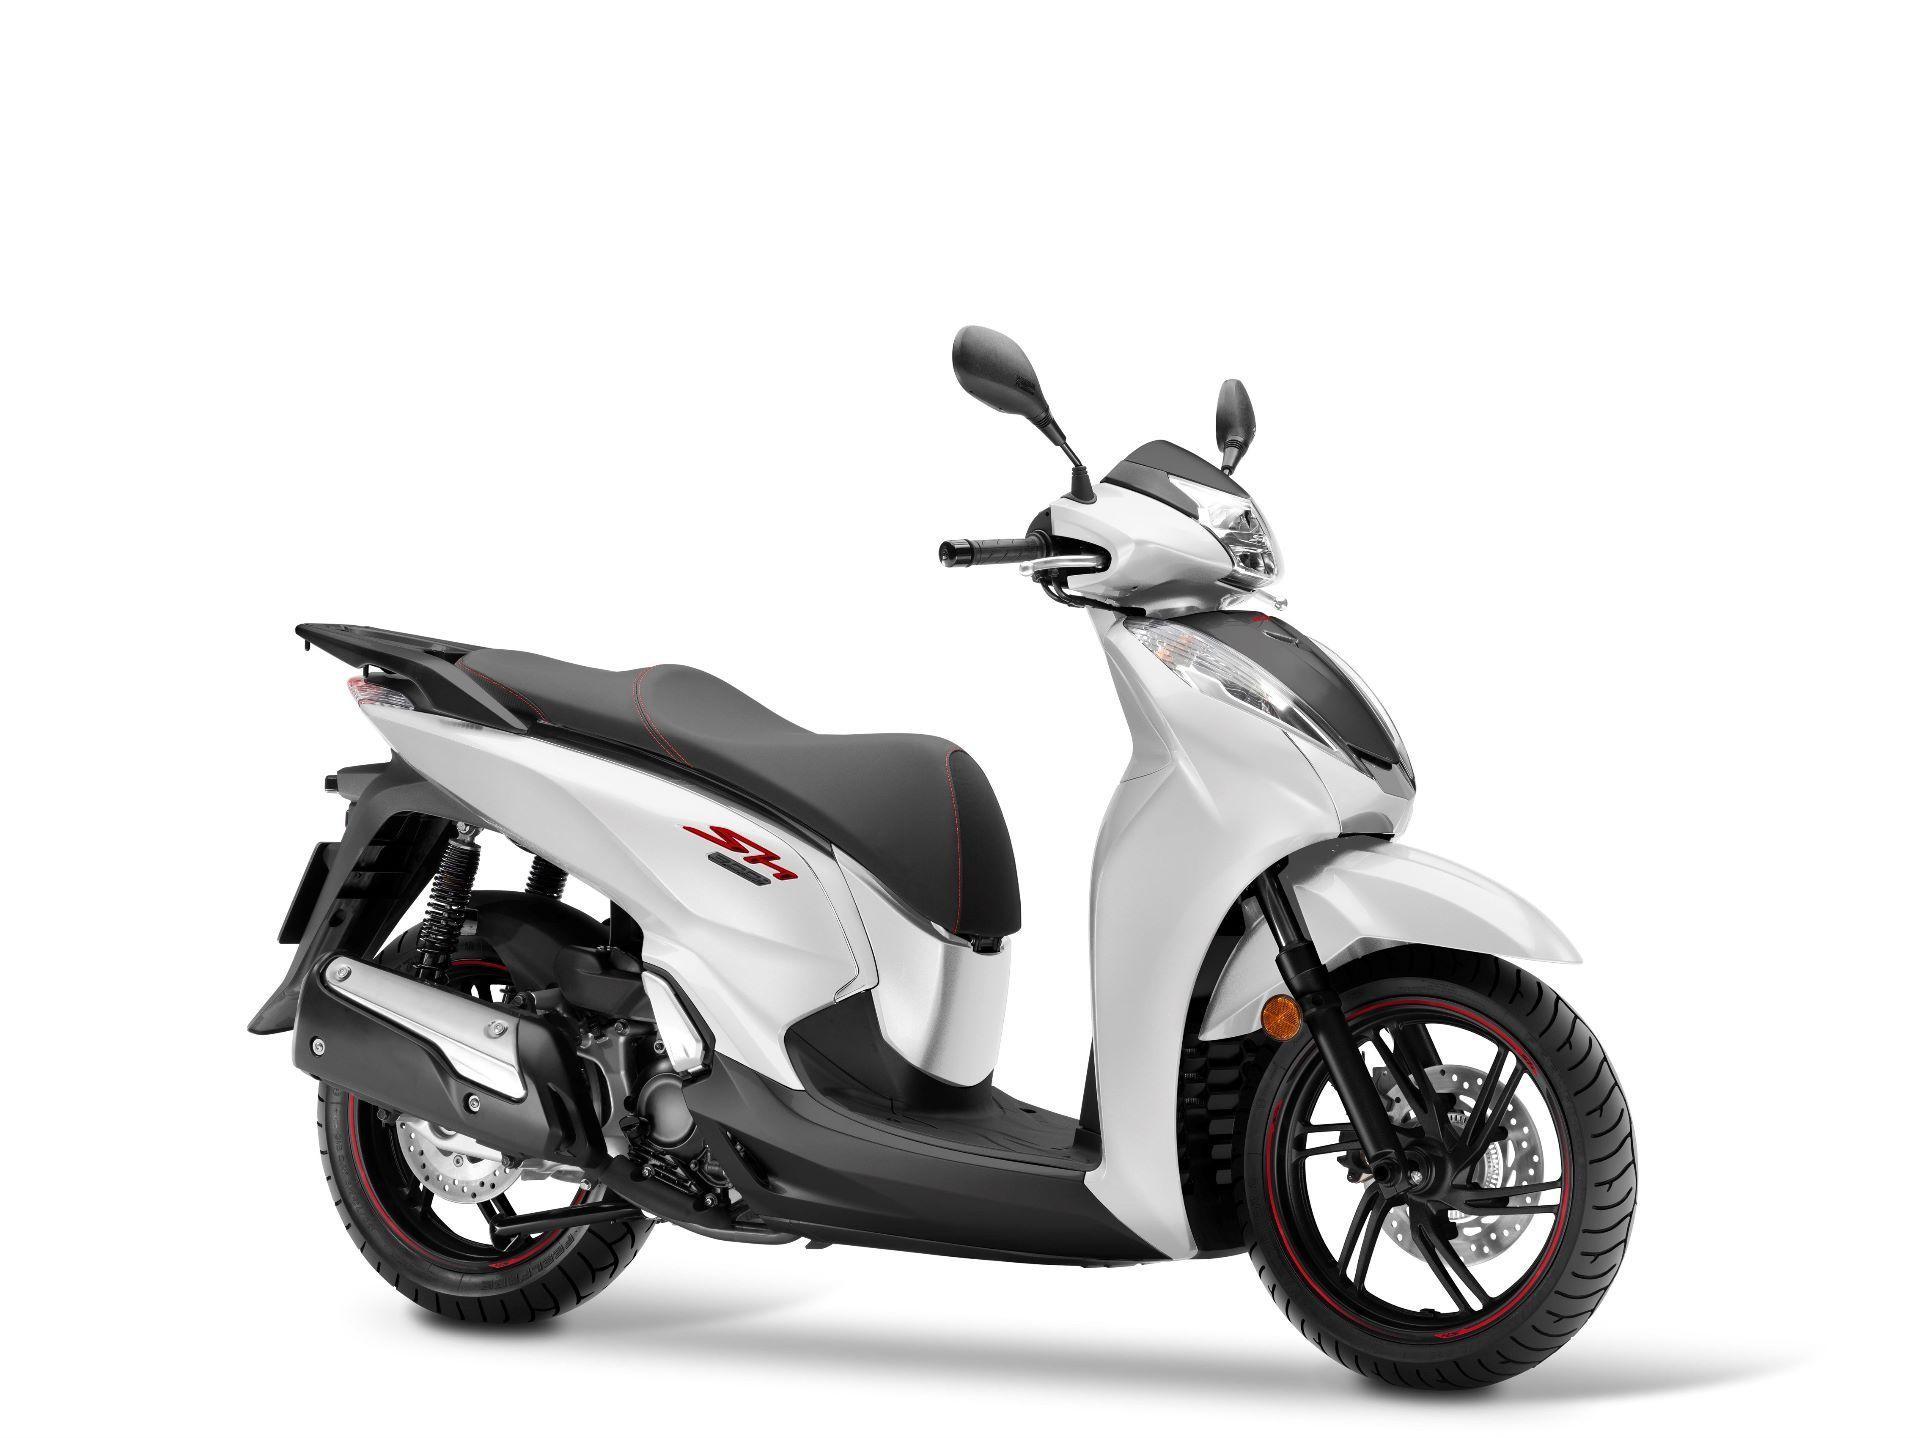 Buy Motorbike New Vehiclebike Honda Sh 300 I A Abs Motodesign Ag